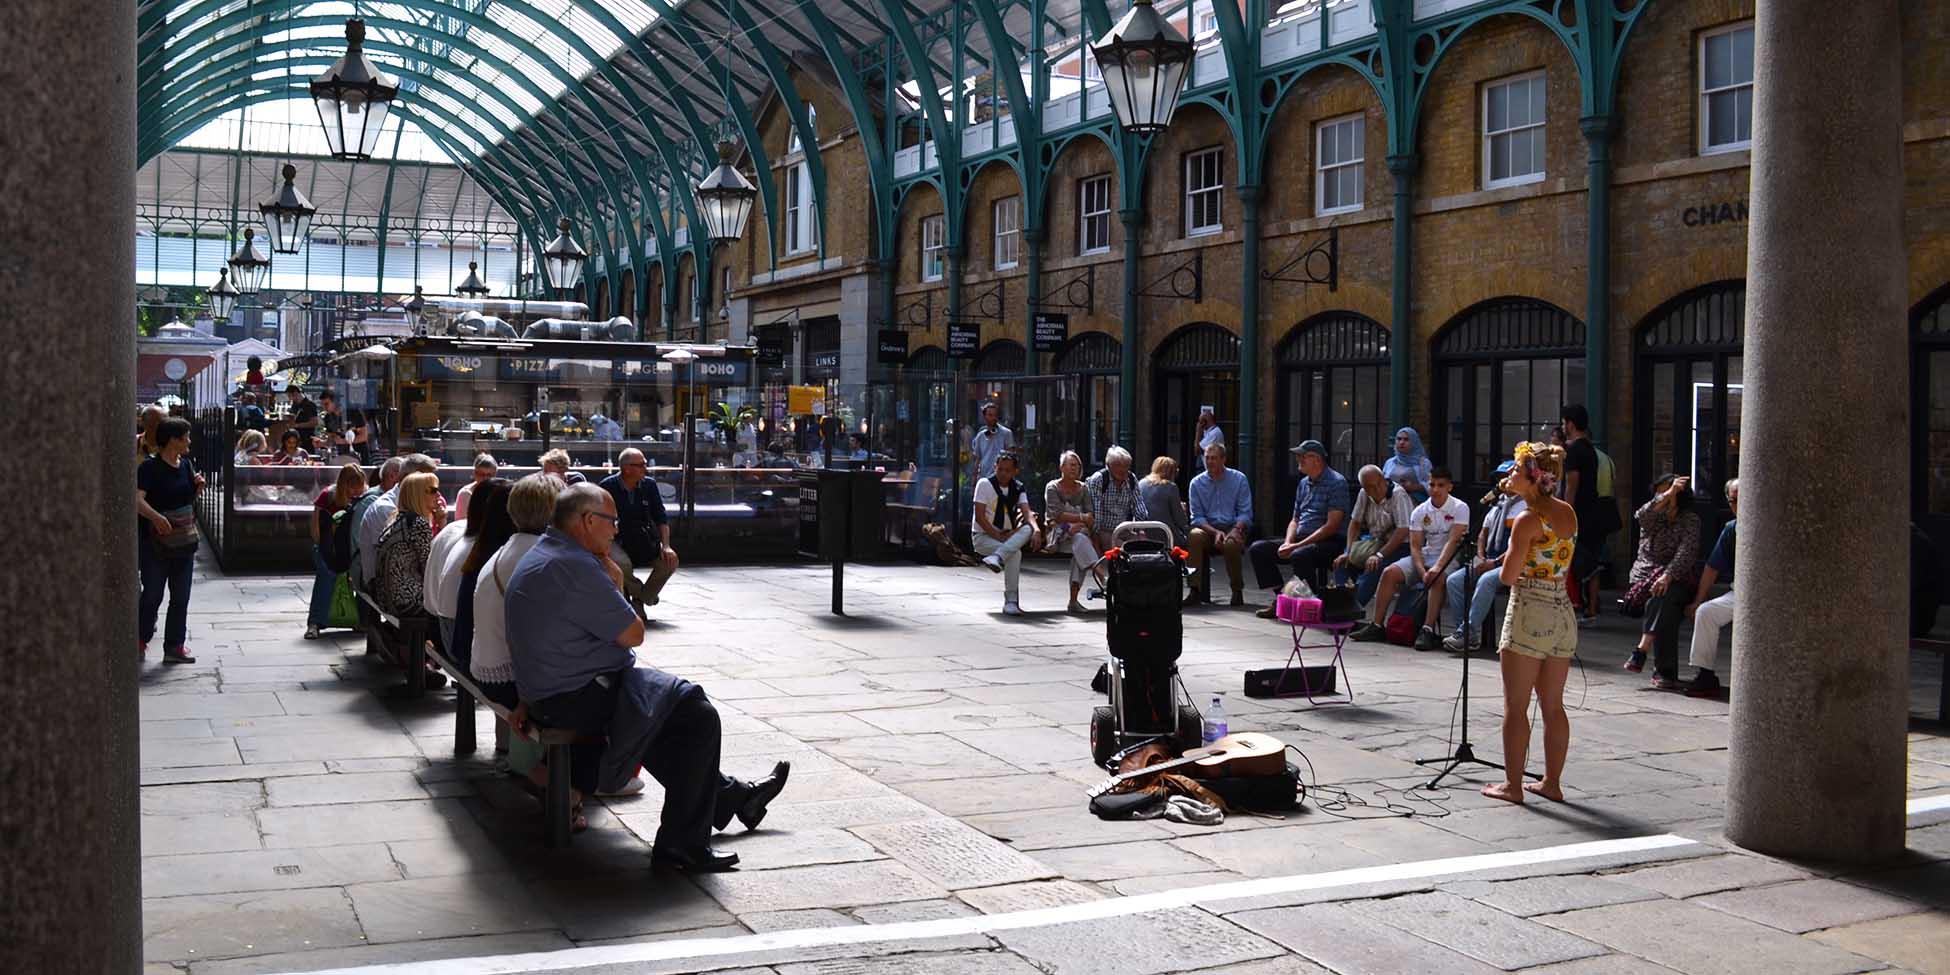 Arte callejero en el Covent Garden Market